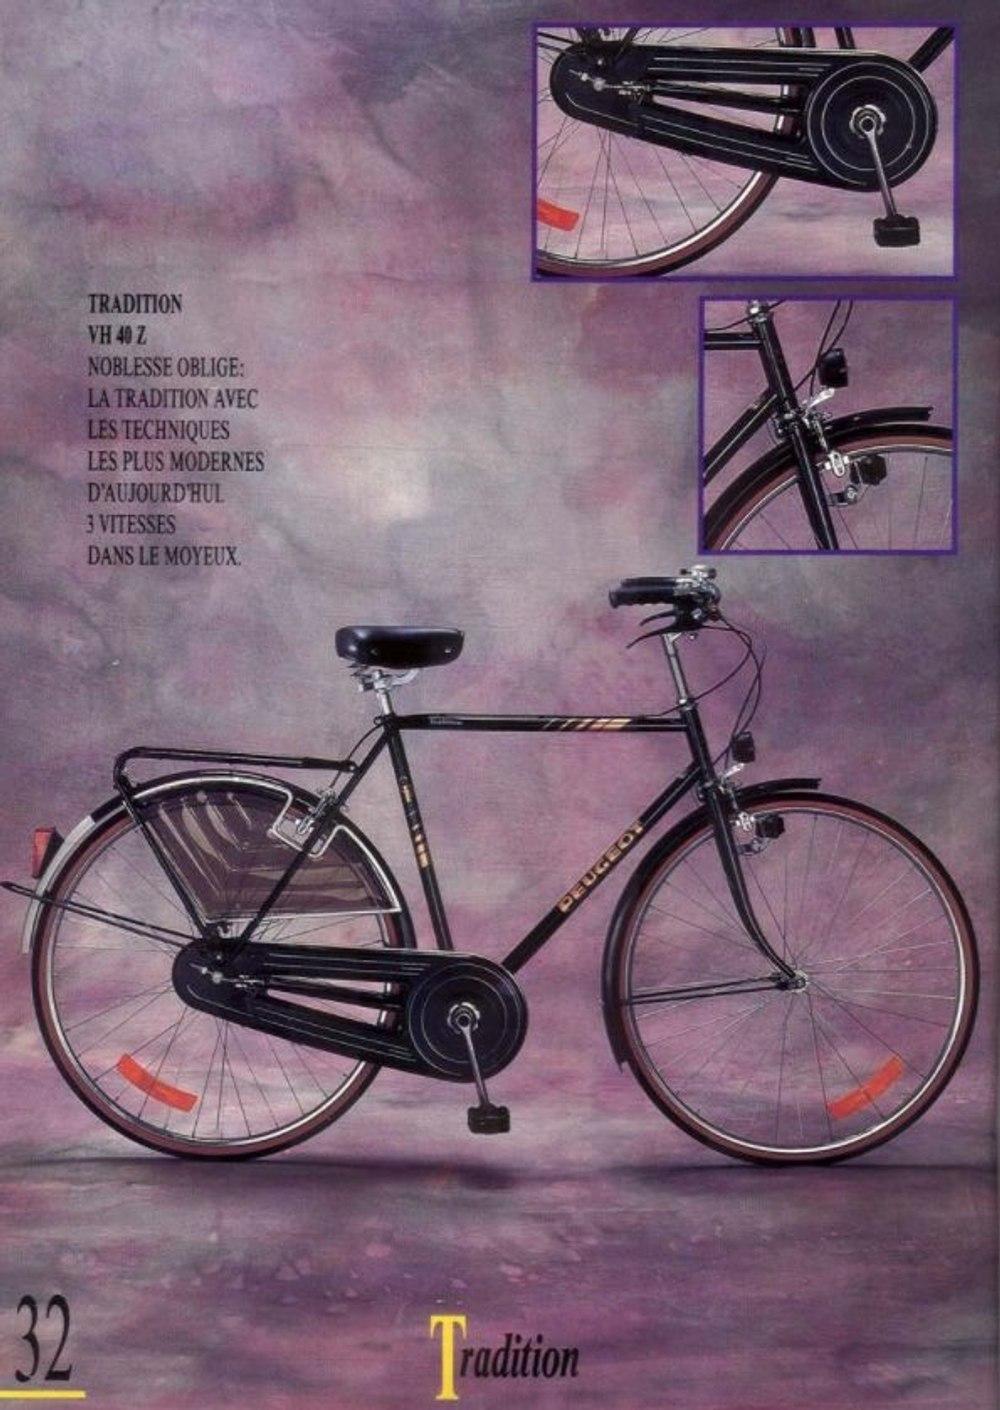 Vélo de ville Peugeot Tradition (type hollandais)